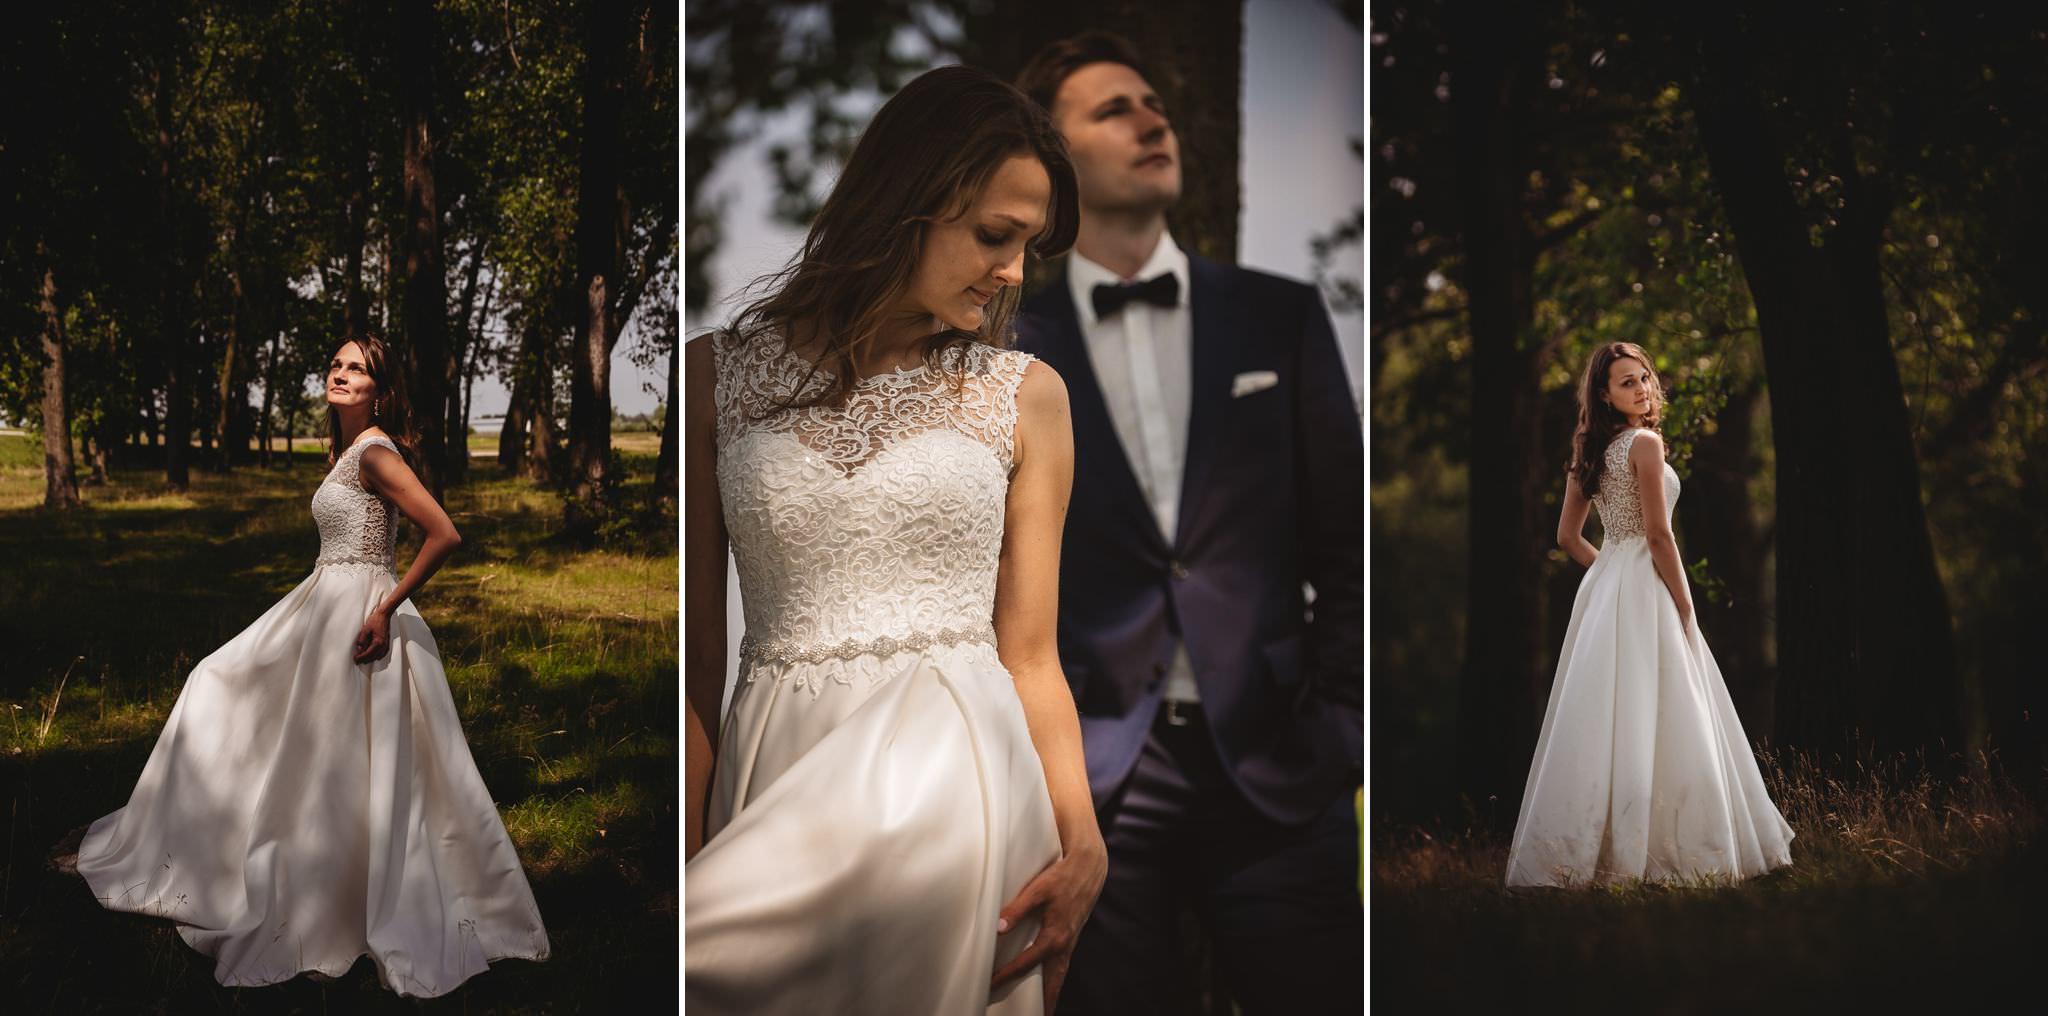 Monika i Michał, wesele w Paryżu i sesja plenerowa w stadninie koni w Czołowie 324